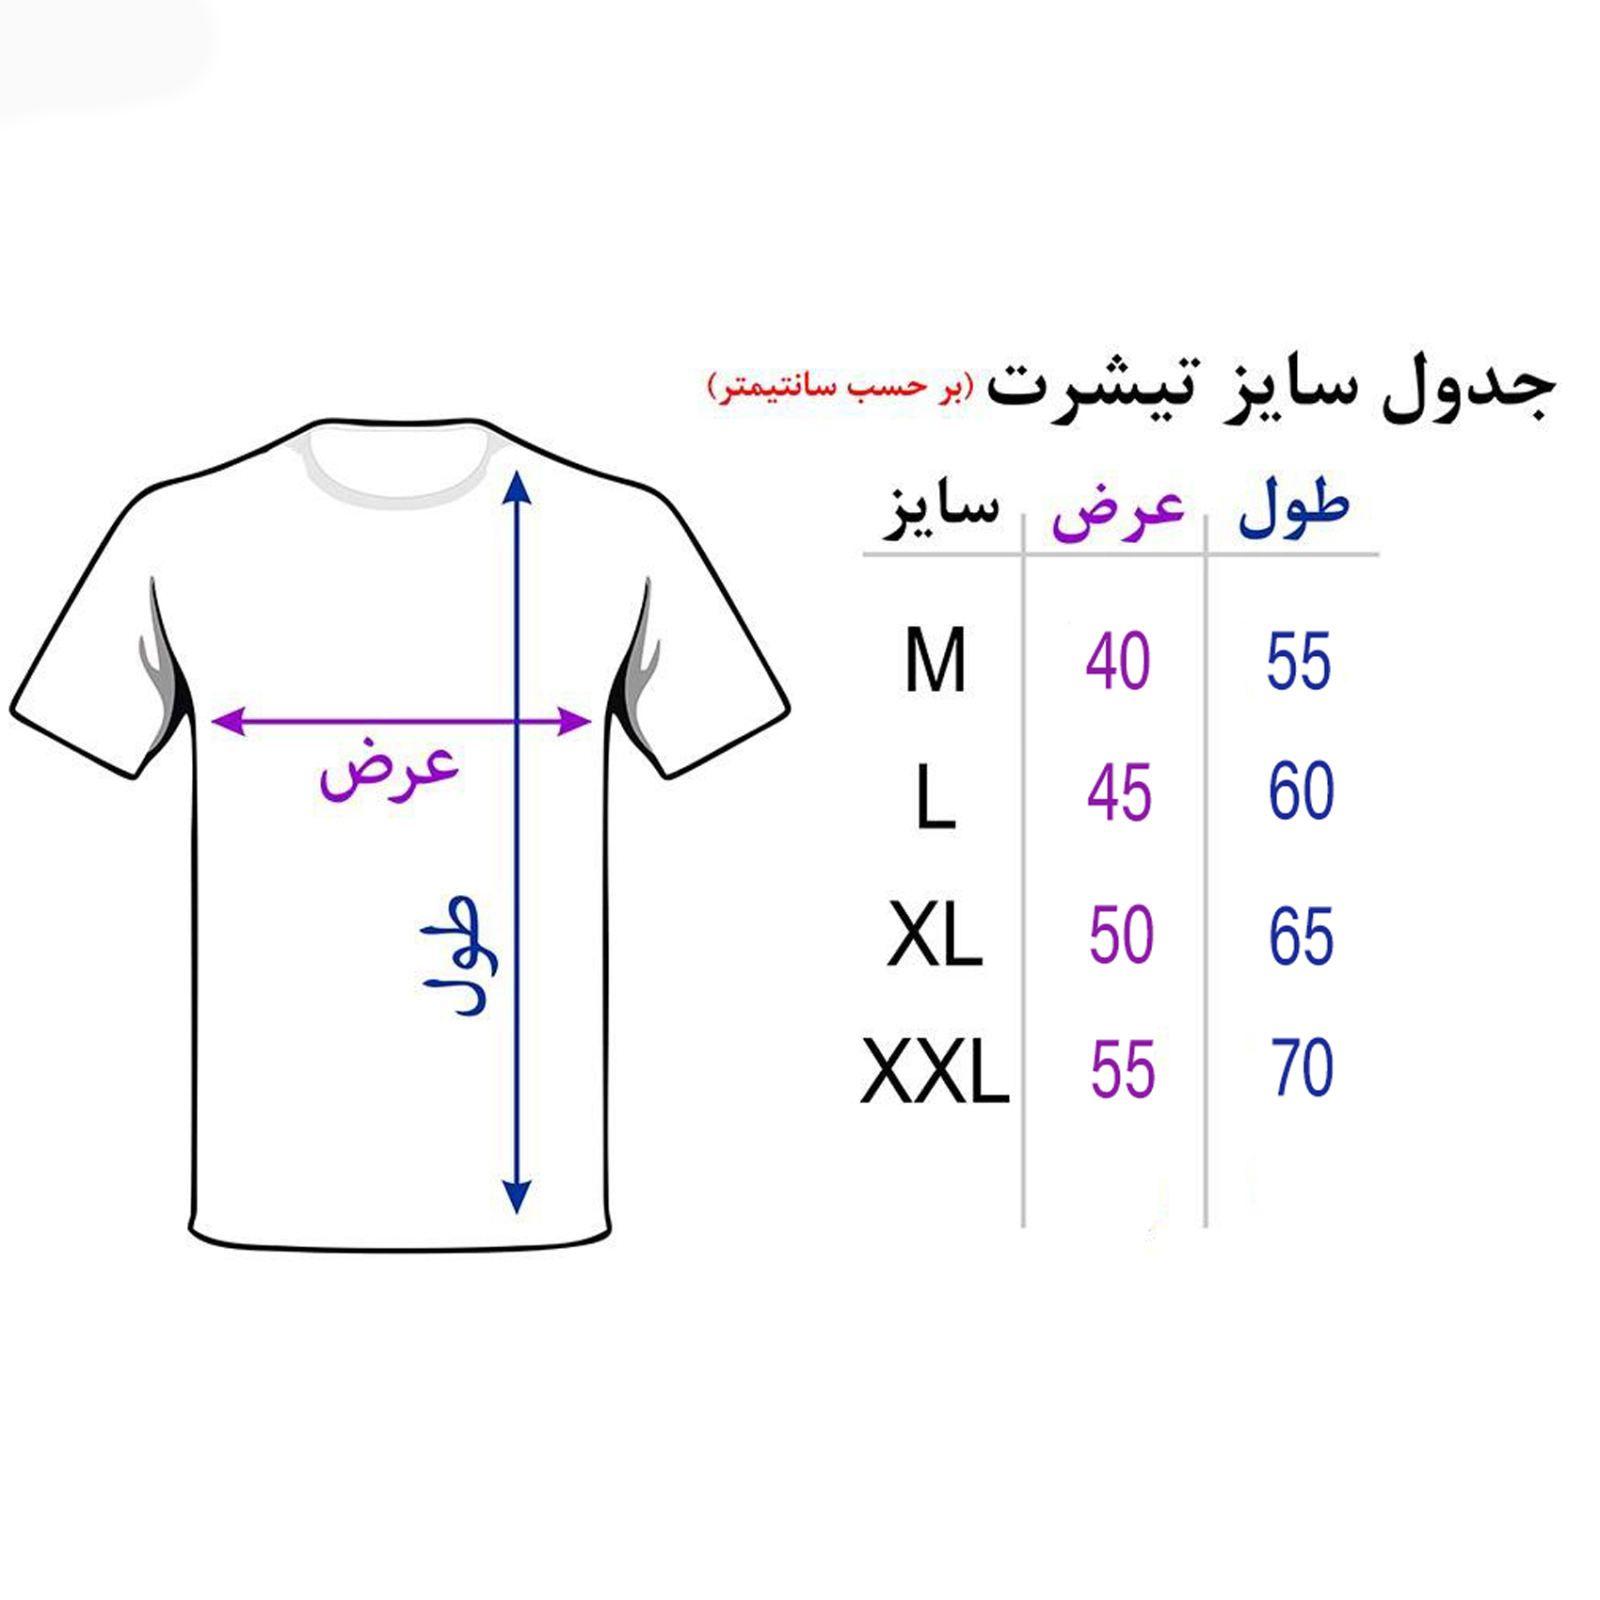 تی شرت زنانه 27 طرح  انتزاعی27 کد H02 رنگ مشکی -  - 5